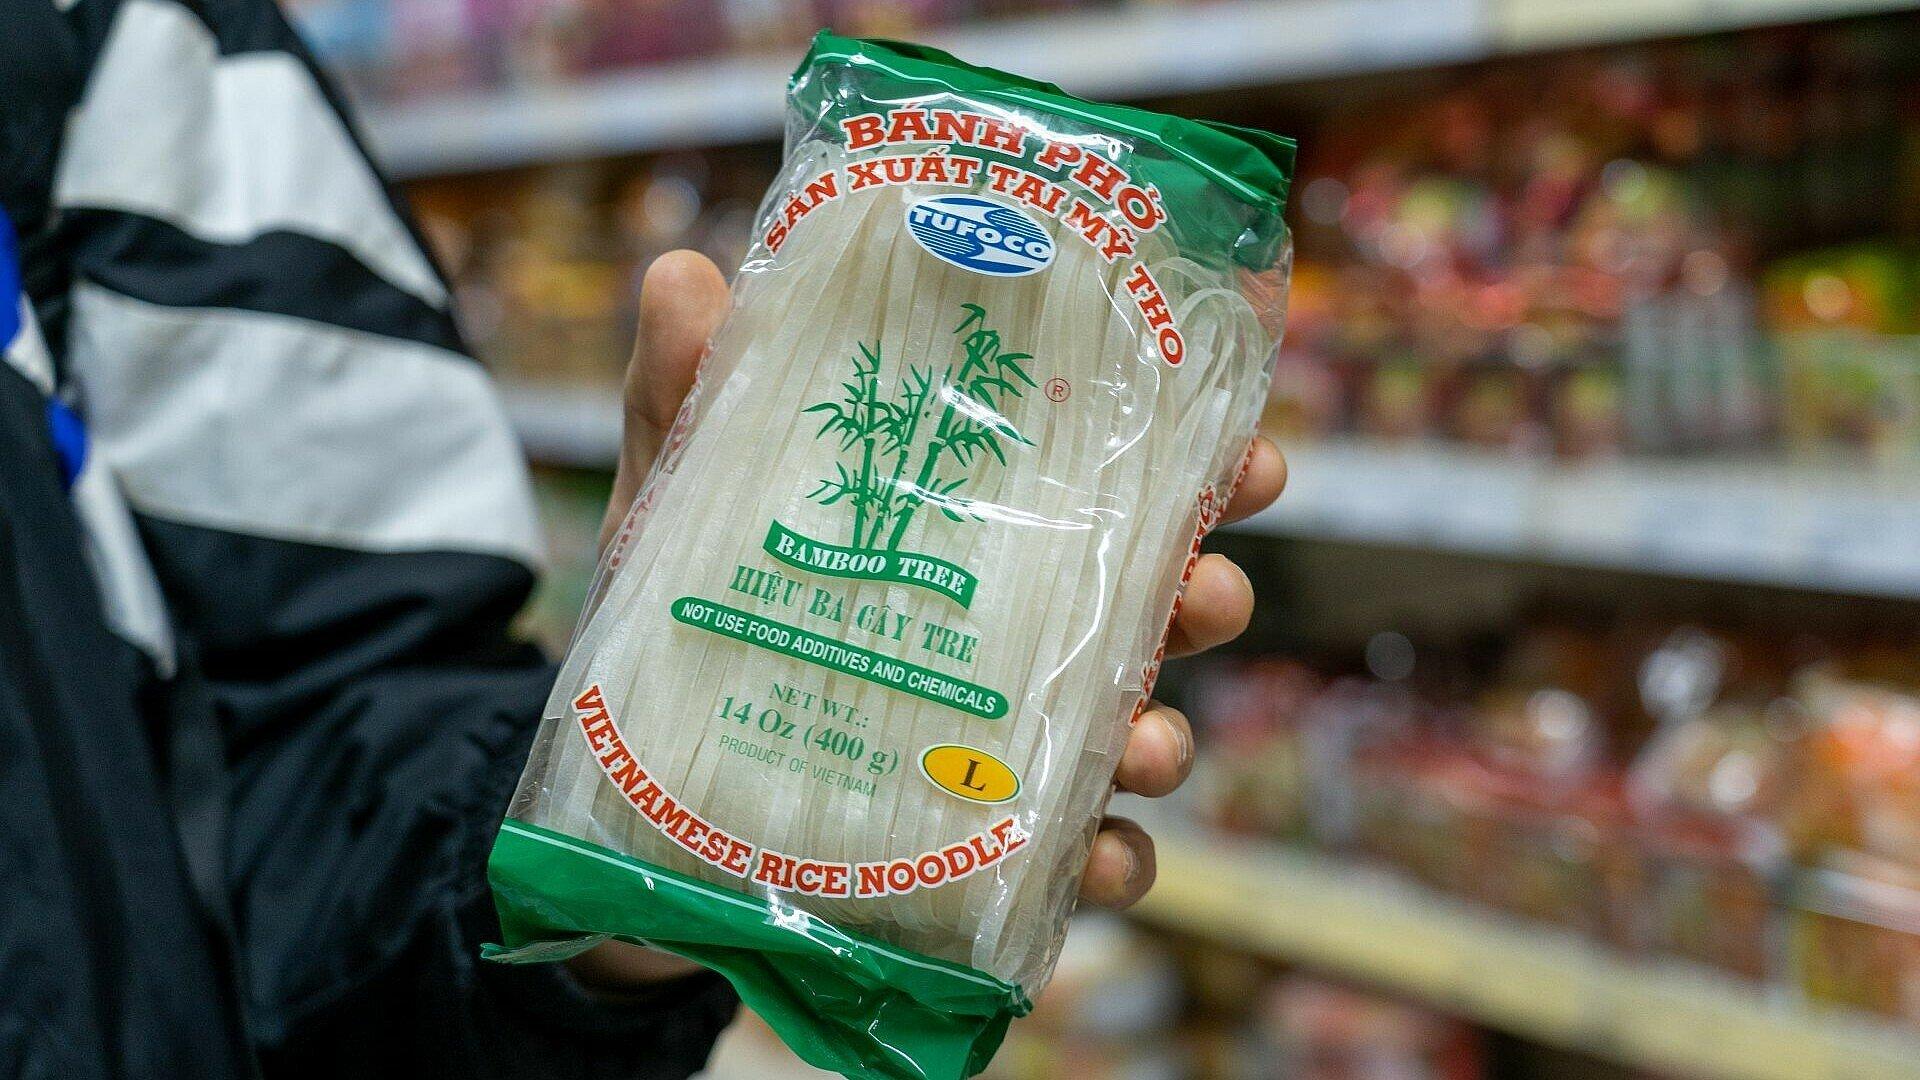 Packung mit Vietnamesischen Reisnudeln im Heng Long Supermarkt in Lindenthal